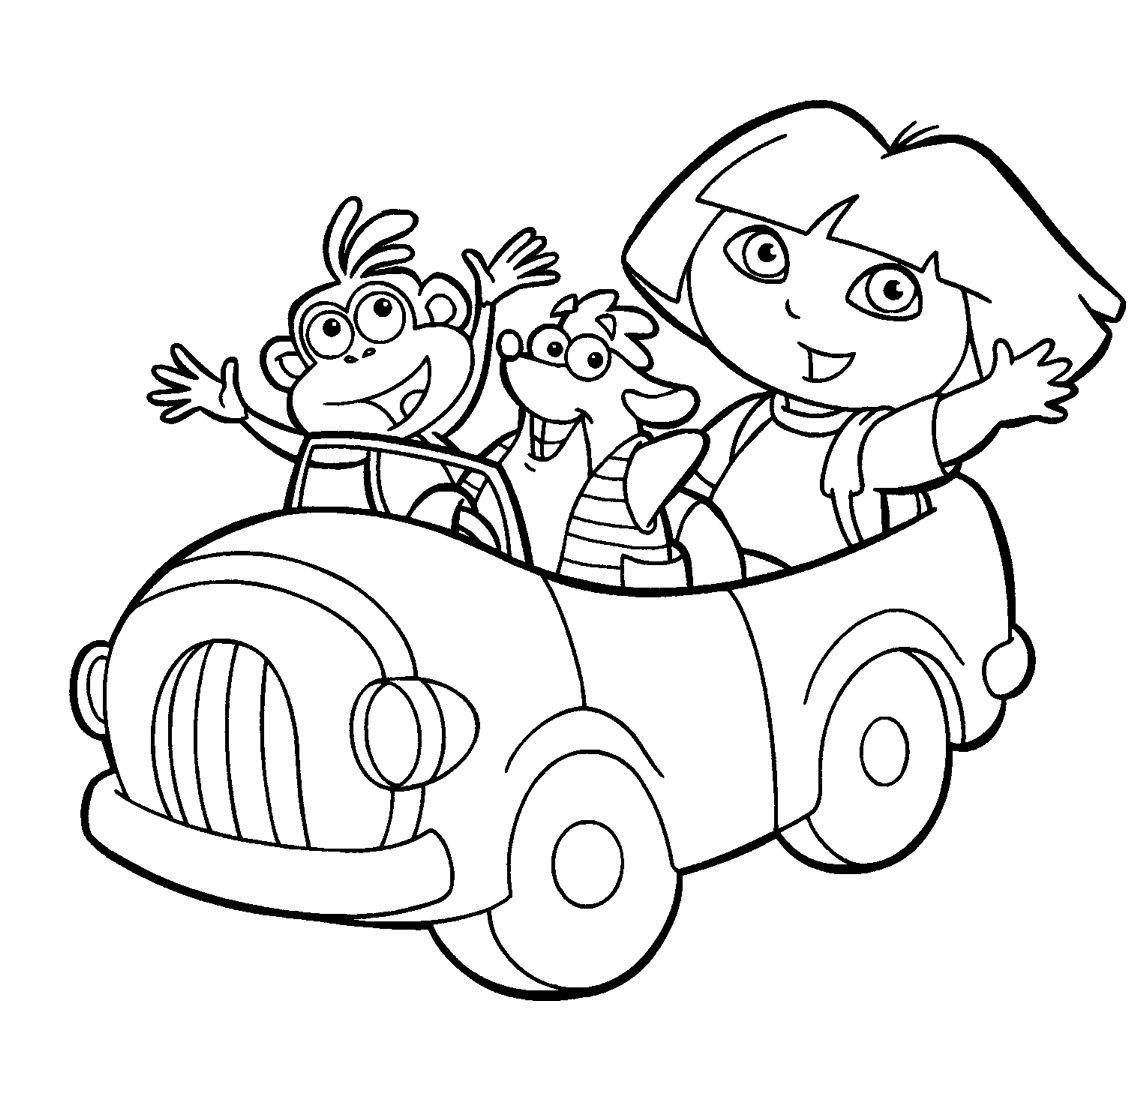 pintar Dibujo para colorear Dora la exploradora en coche, colorear ...